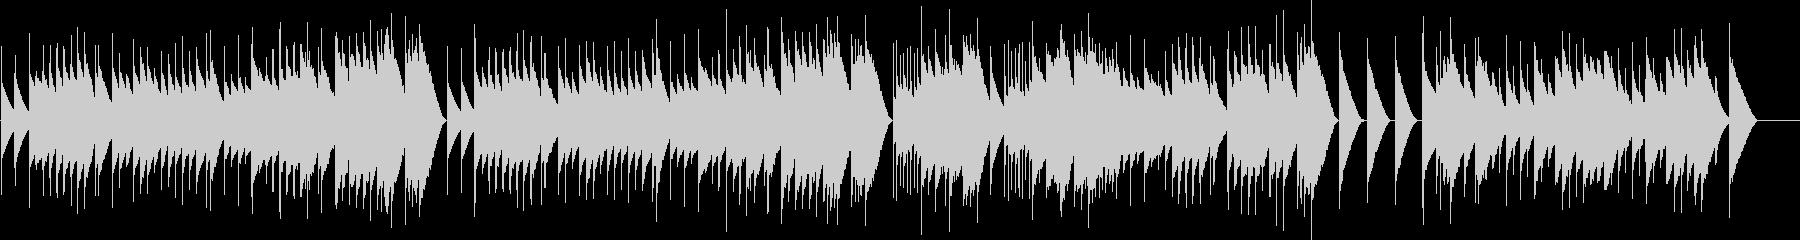 アイネクライネ 第2楽章 (オルゴール)の未再生の波形